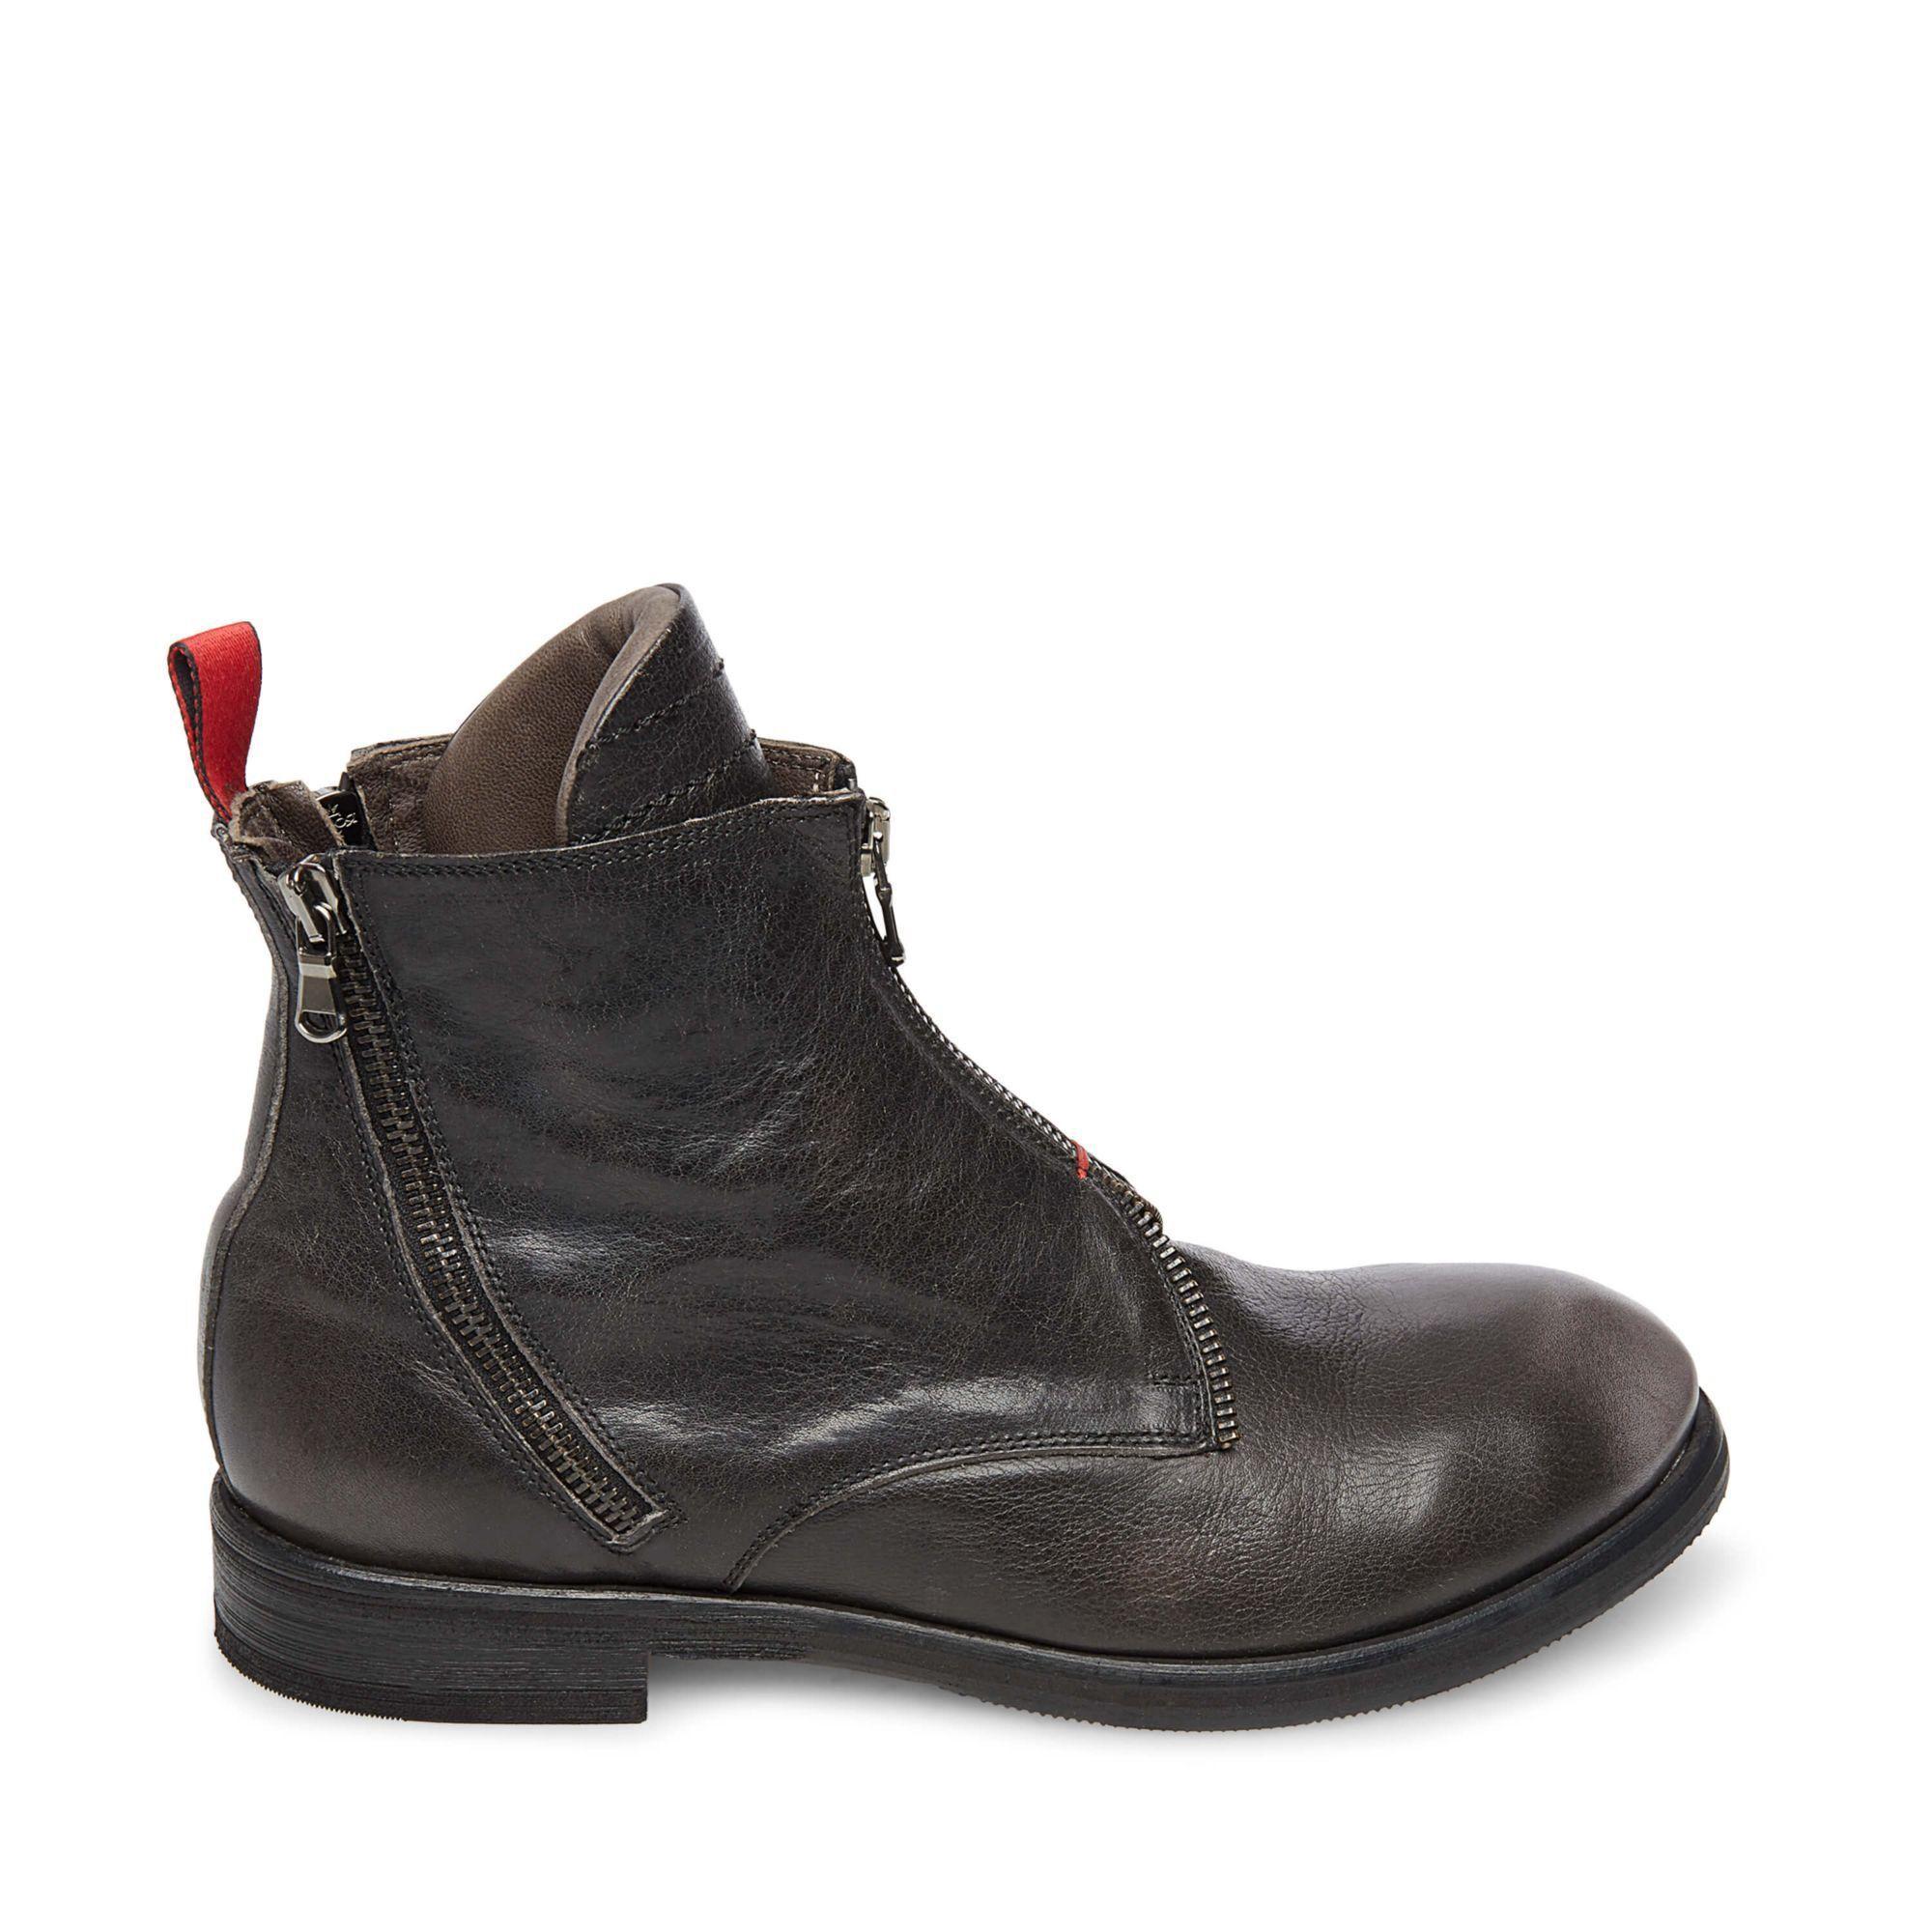 de140d425f1 STEVE MADDEN MEDAL.  stevemadden  shoes